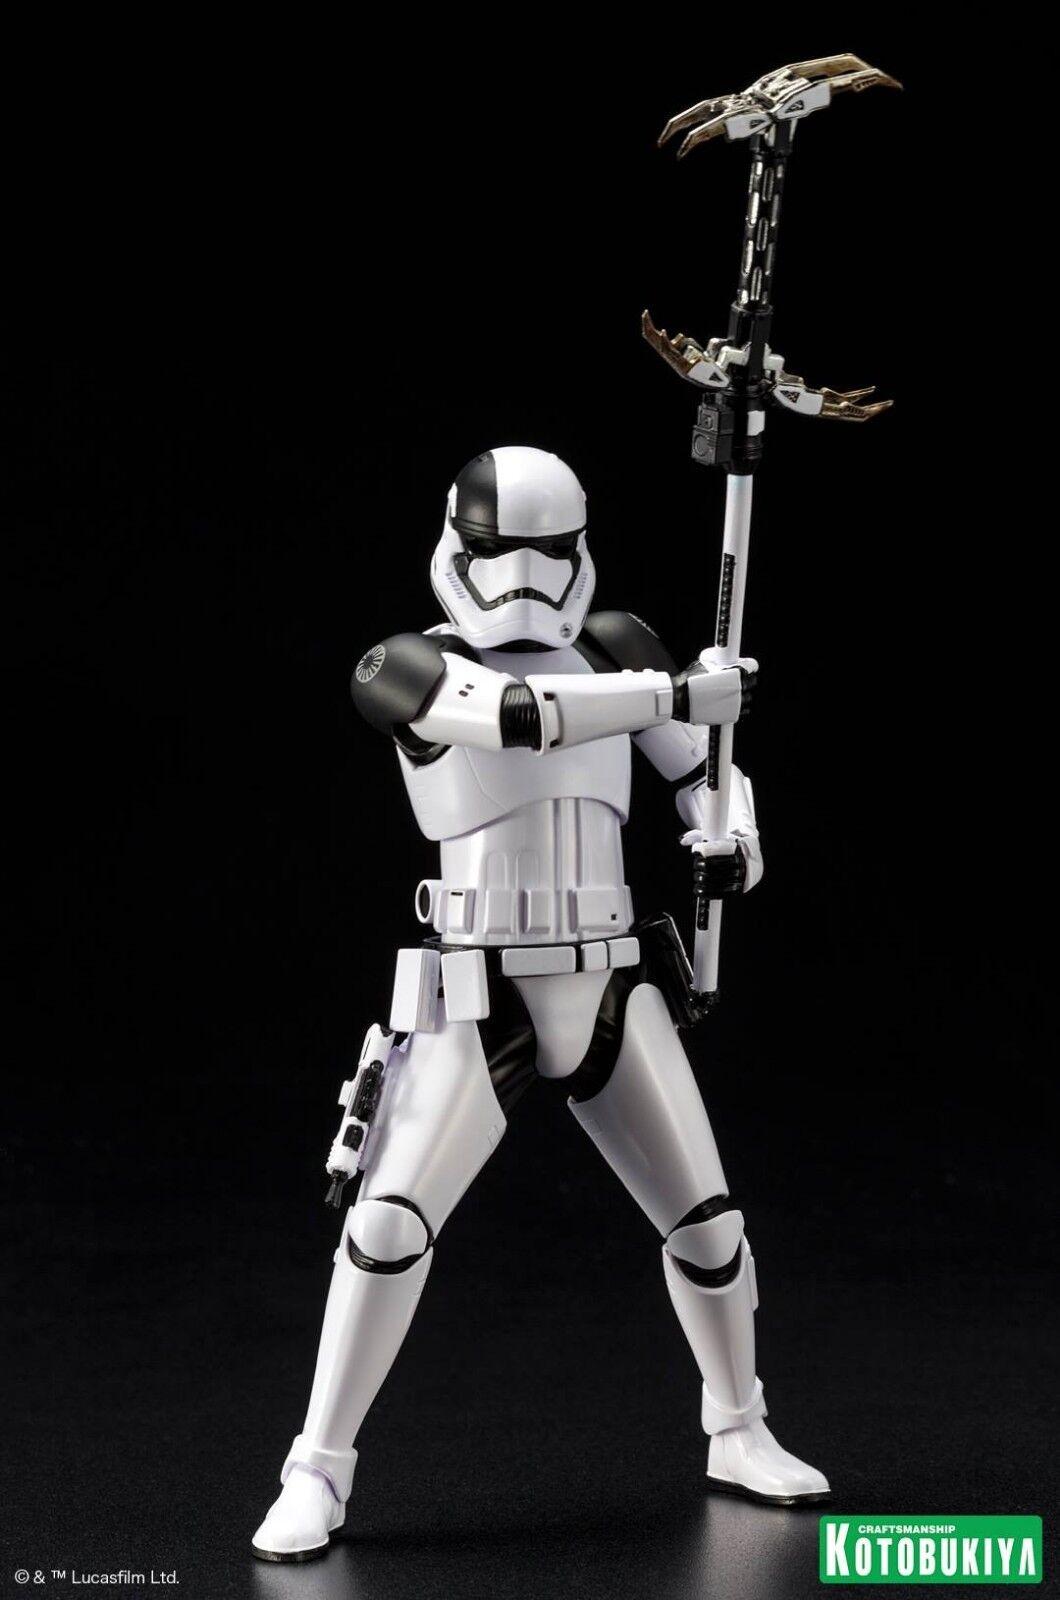 Star wars als scharfrichter stormtrooper artfx + statue kotobukiya